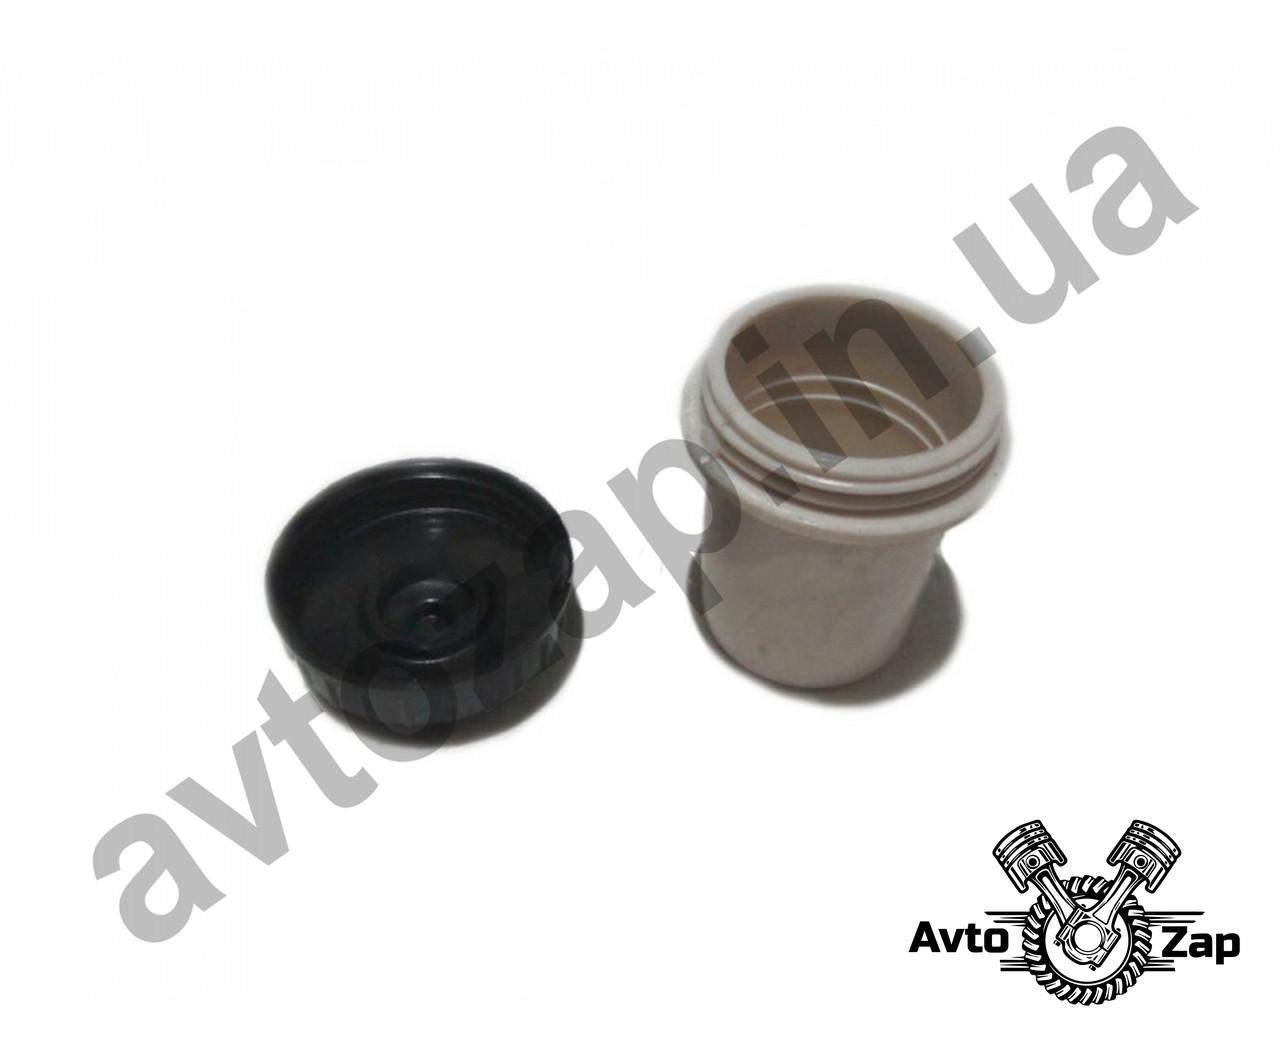 Бачок главного цилиндра сцепления ИЖ-ОДА 2126, 2717